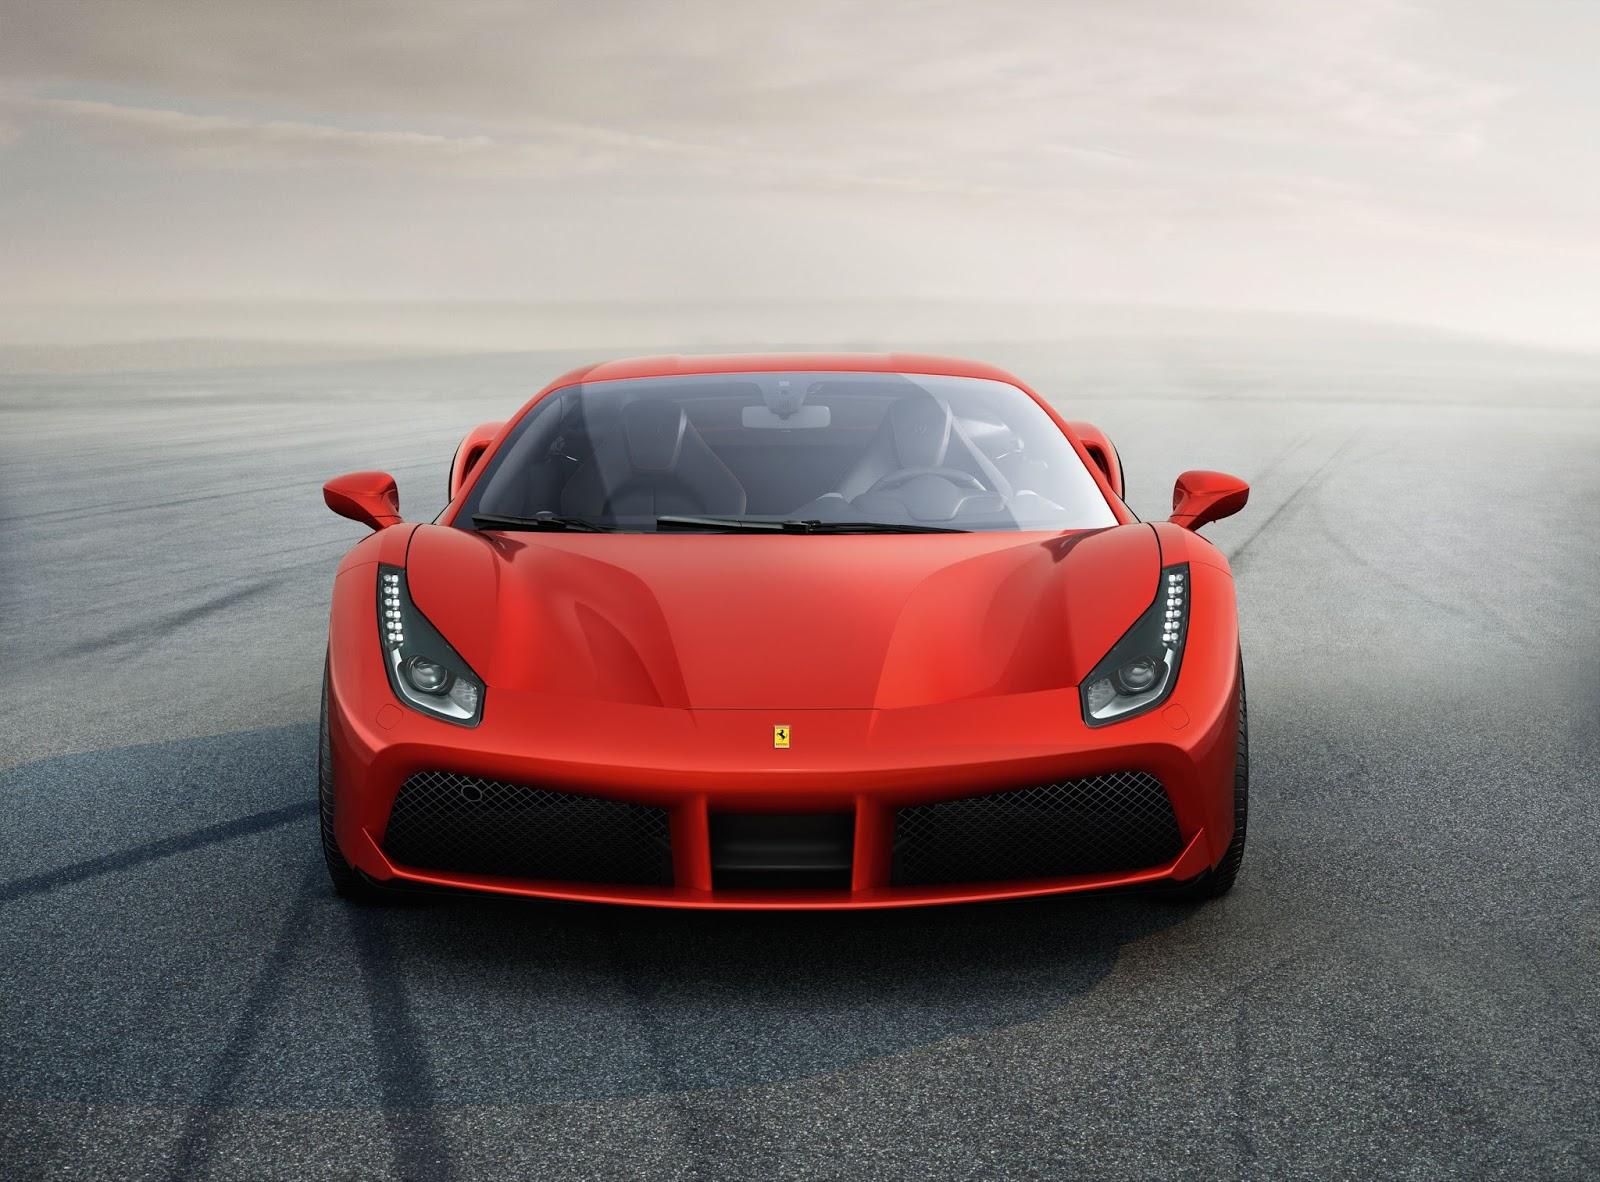 Δοκιμή της Ferrari 488 twin turbo στην πίστα Ferrari, Ferrari 488, Ferrari 488 GTB, videos